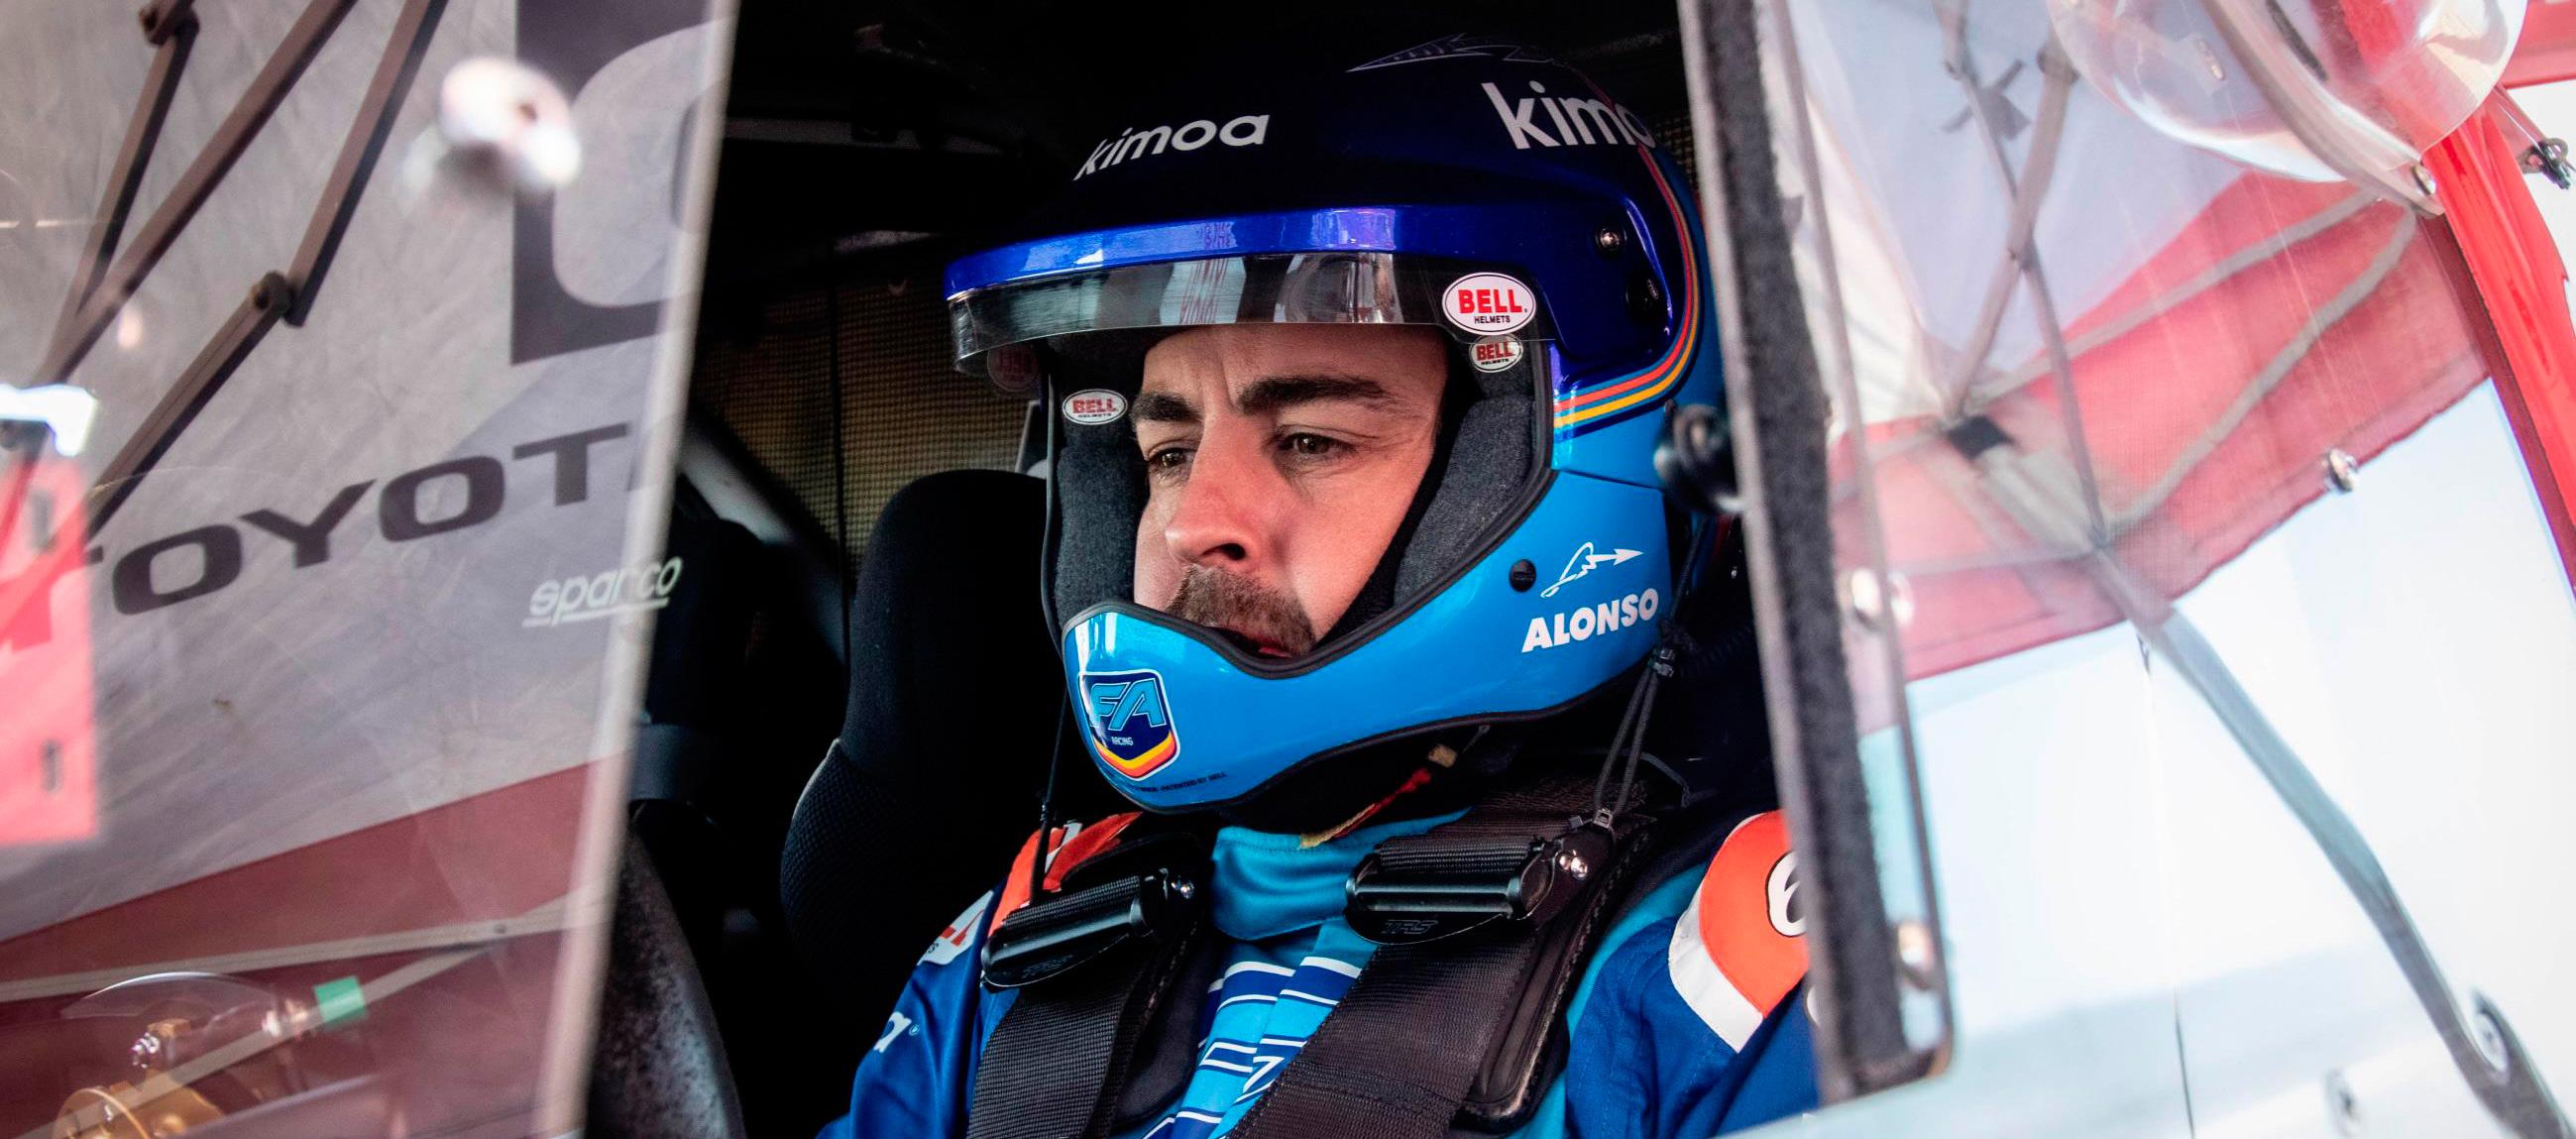 Alonso completa unos exigentes test en Namibia